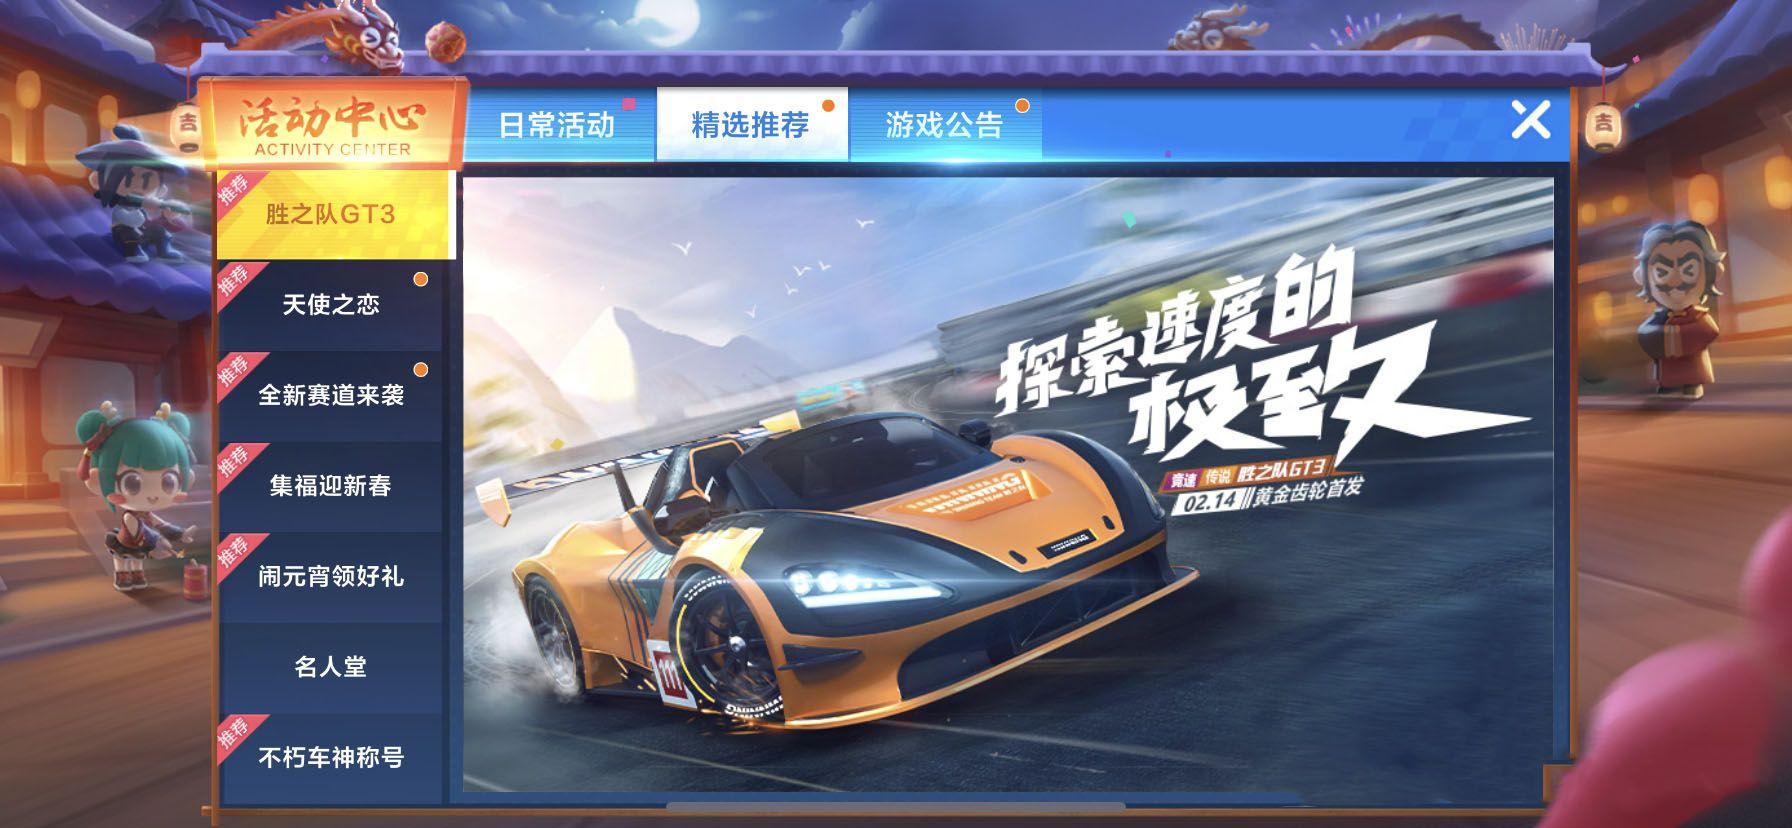 跑跑卡丁车手游胜之队GT3获得方法